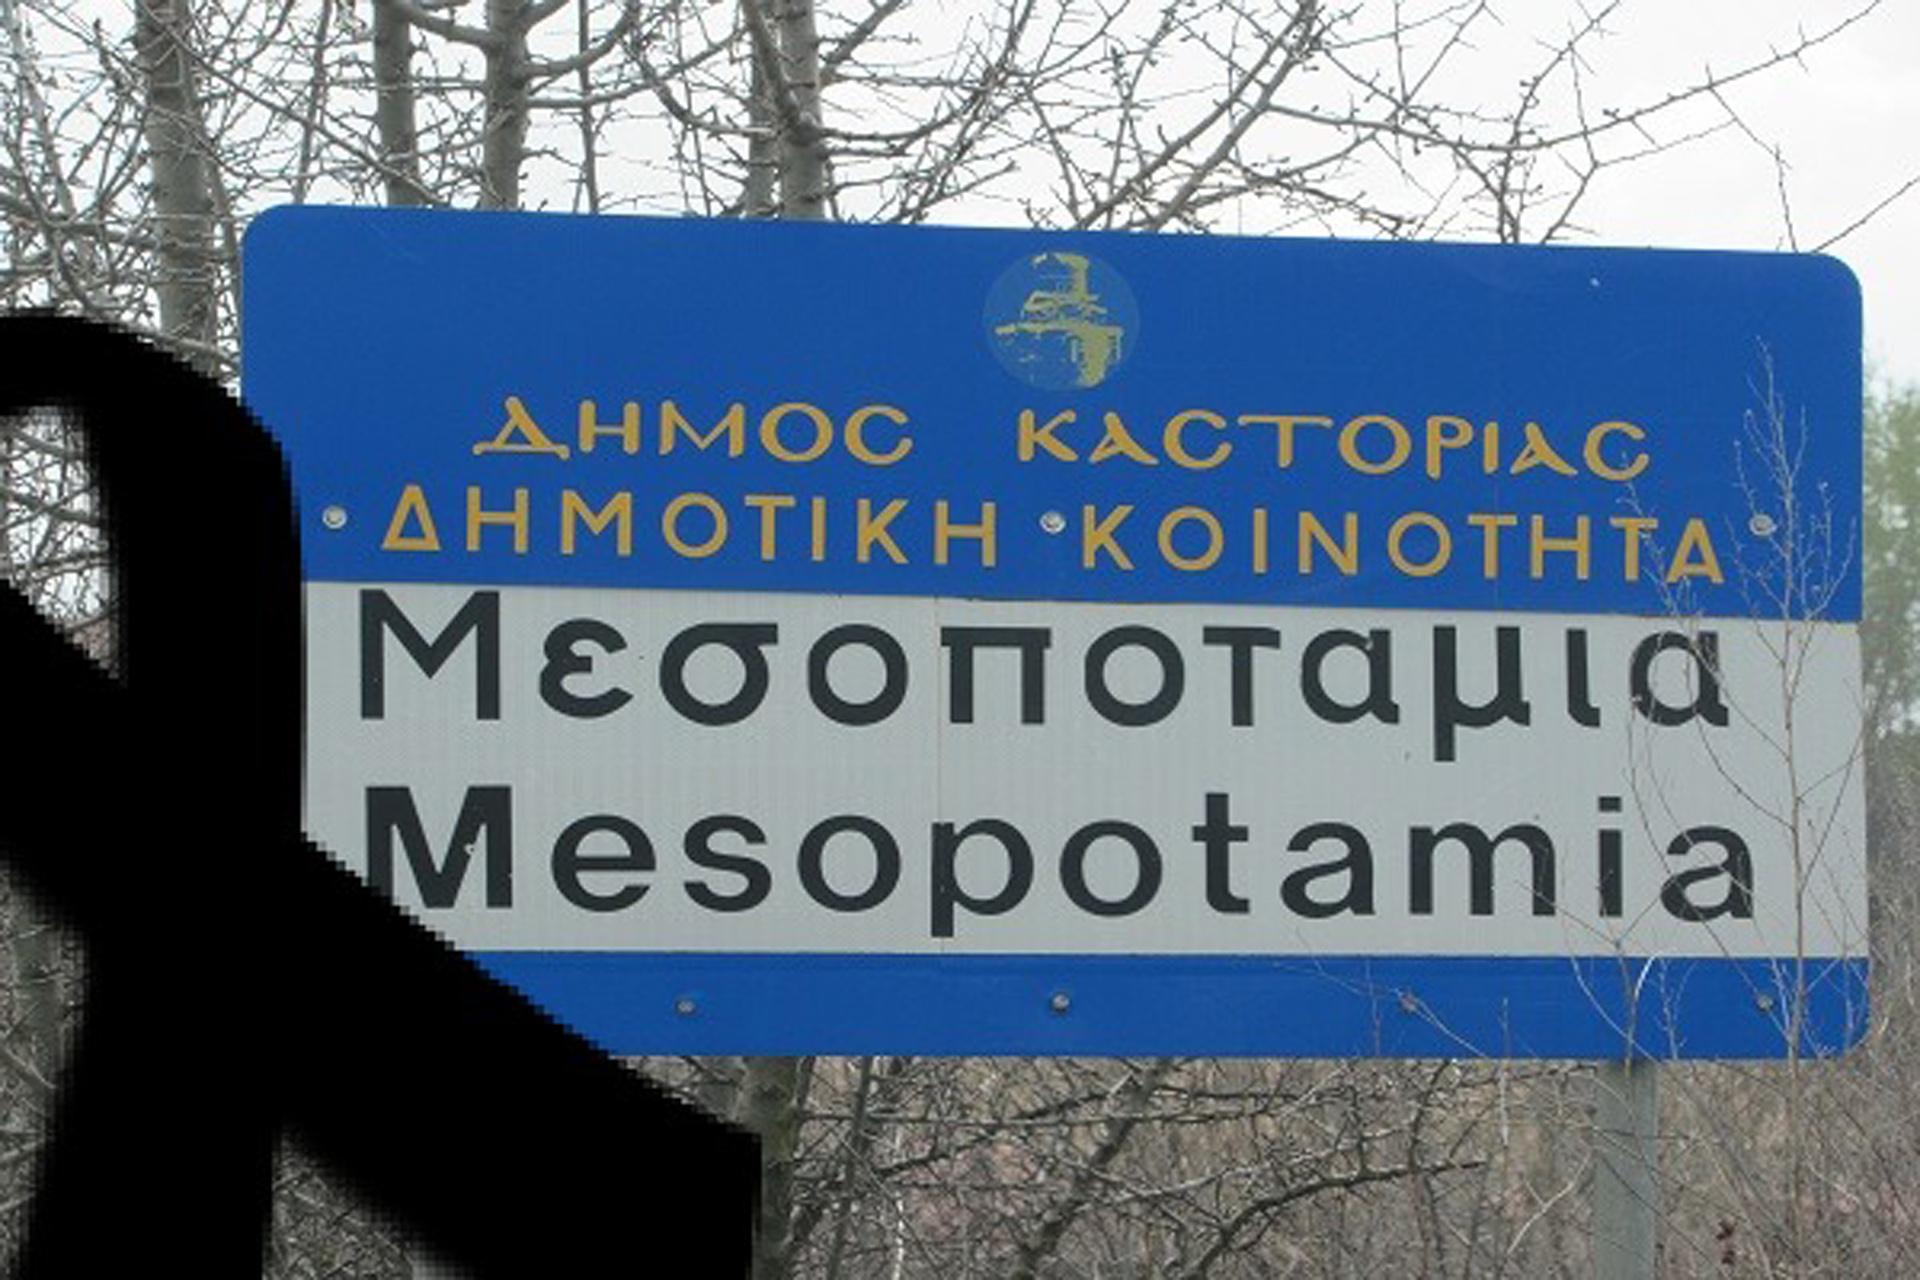 Καστοριά νεκρός, Κορονοϊός: 86 οι νεκροί – Ακόμη ένας στην Καστοριά – Νοσηλευόταν σε Νοσοκομείο της Θεσσαλονίκης, Eviathema.gr | ΕΥΒΟΙΑ ΝΕΑ - Νέα και ειδήσεις από όλη την Εύβοια